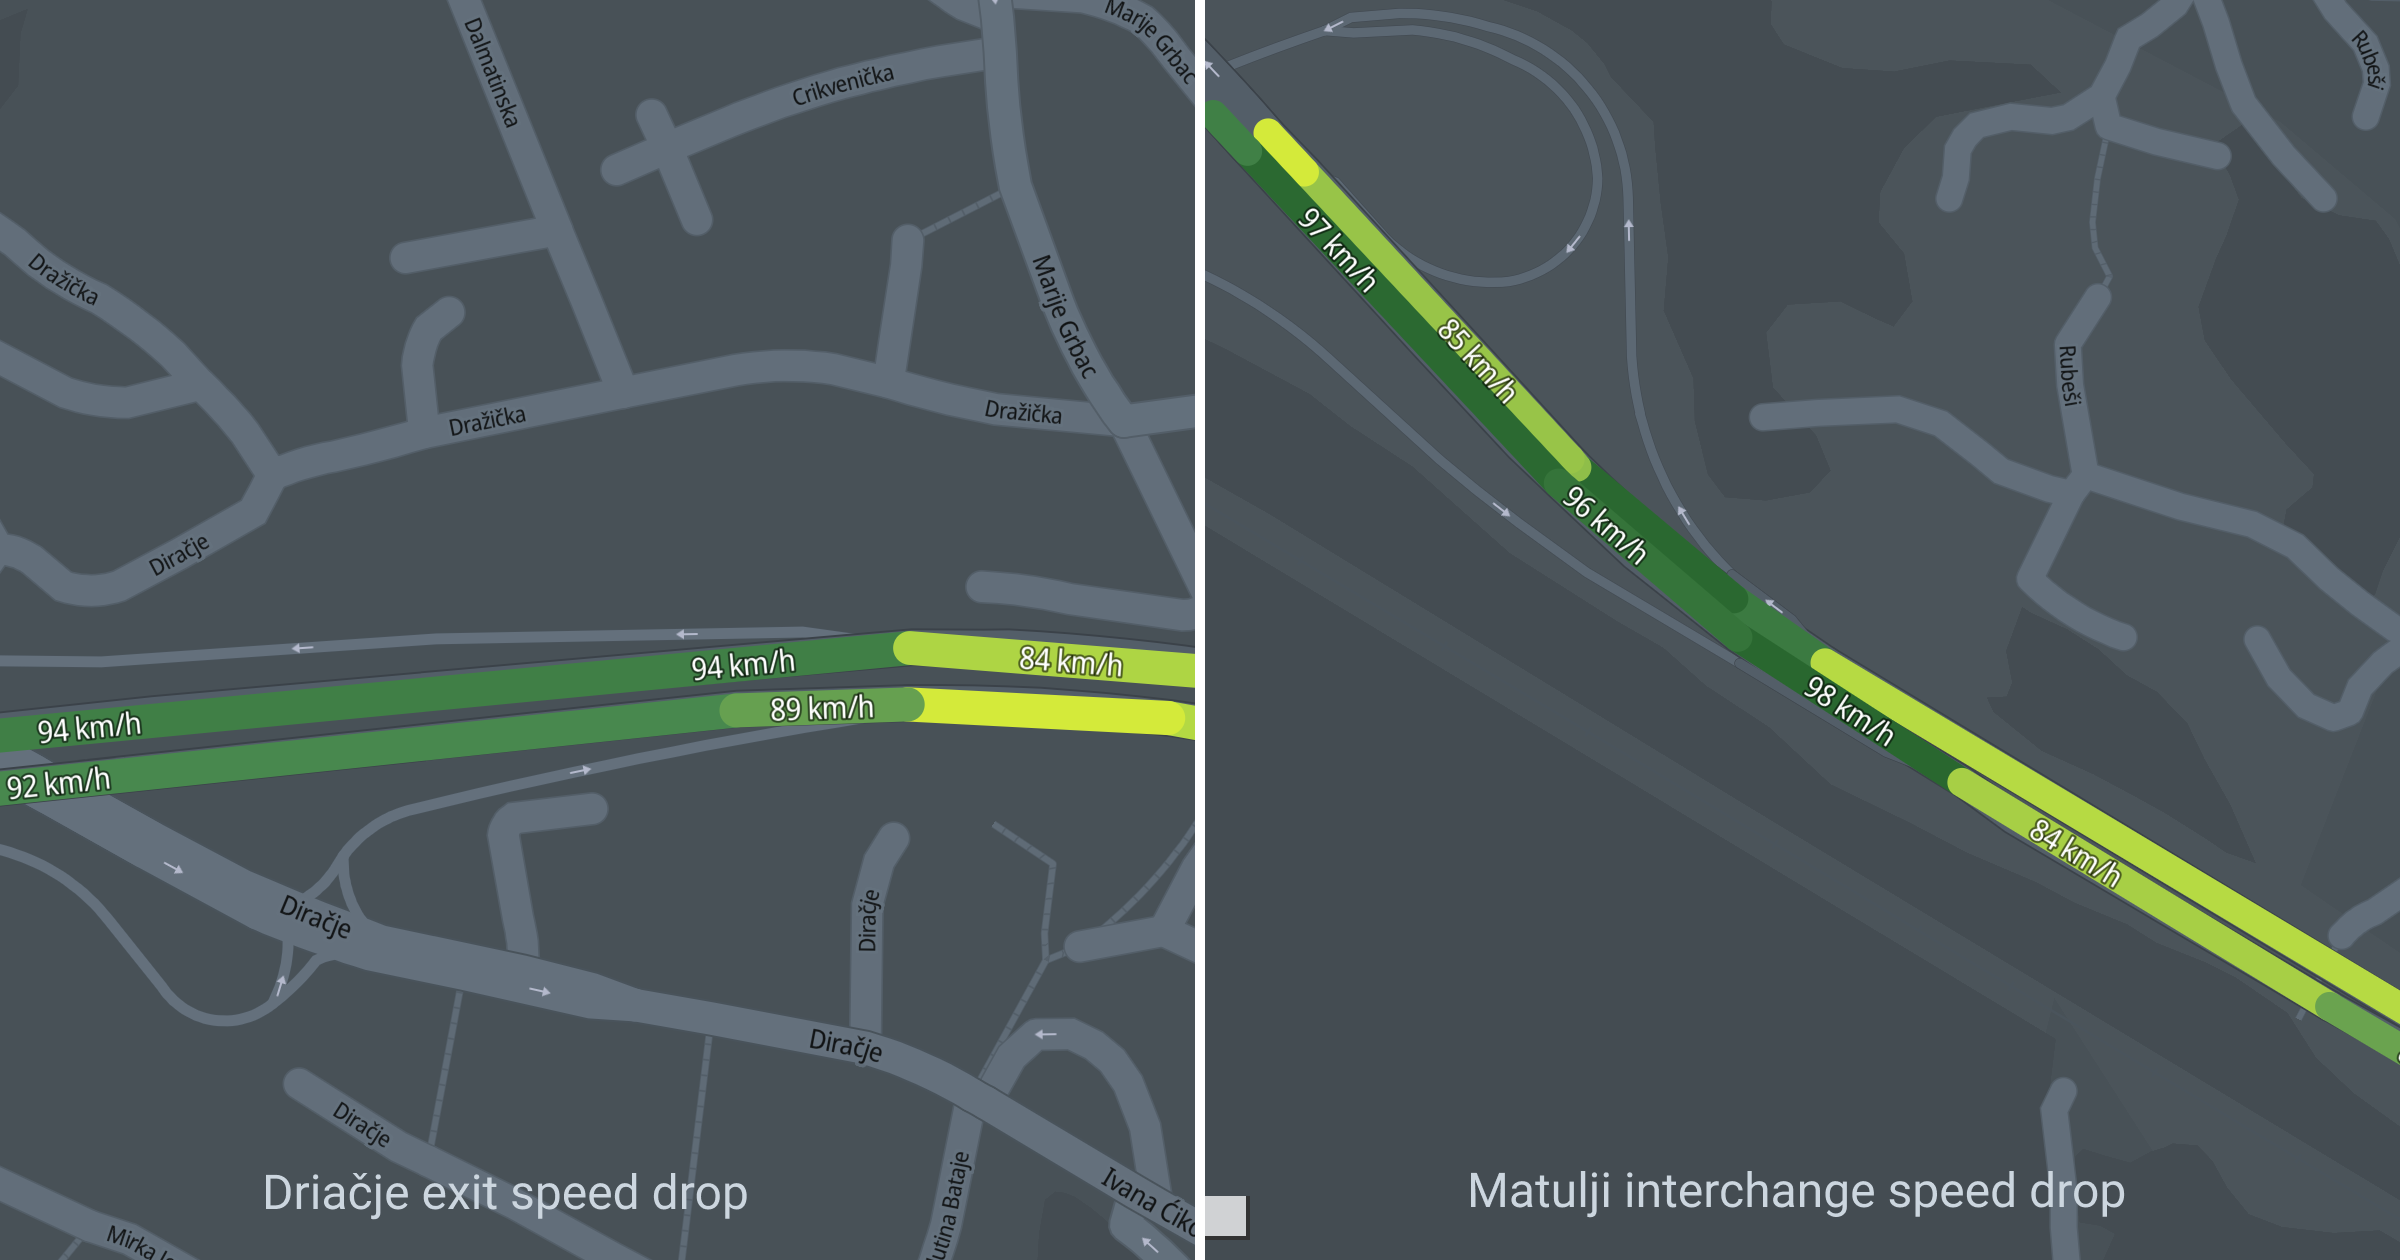 Average travel speed Matulji interchange and Diracje exit | Brzine u okolici čvorova Matulji i Diračje